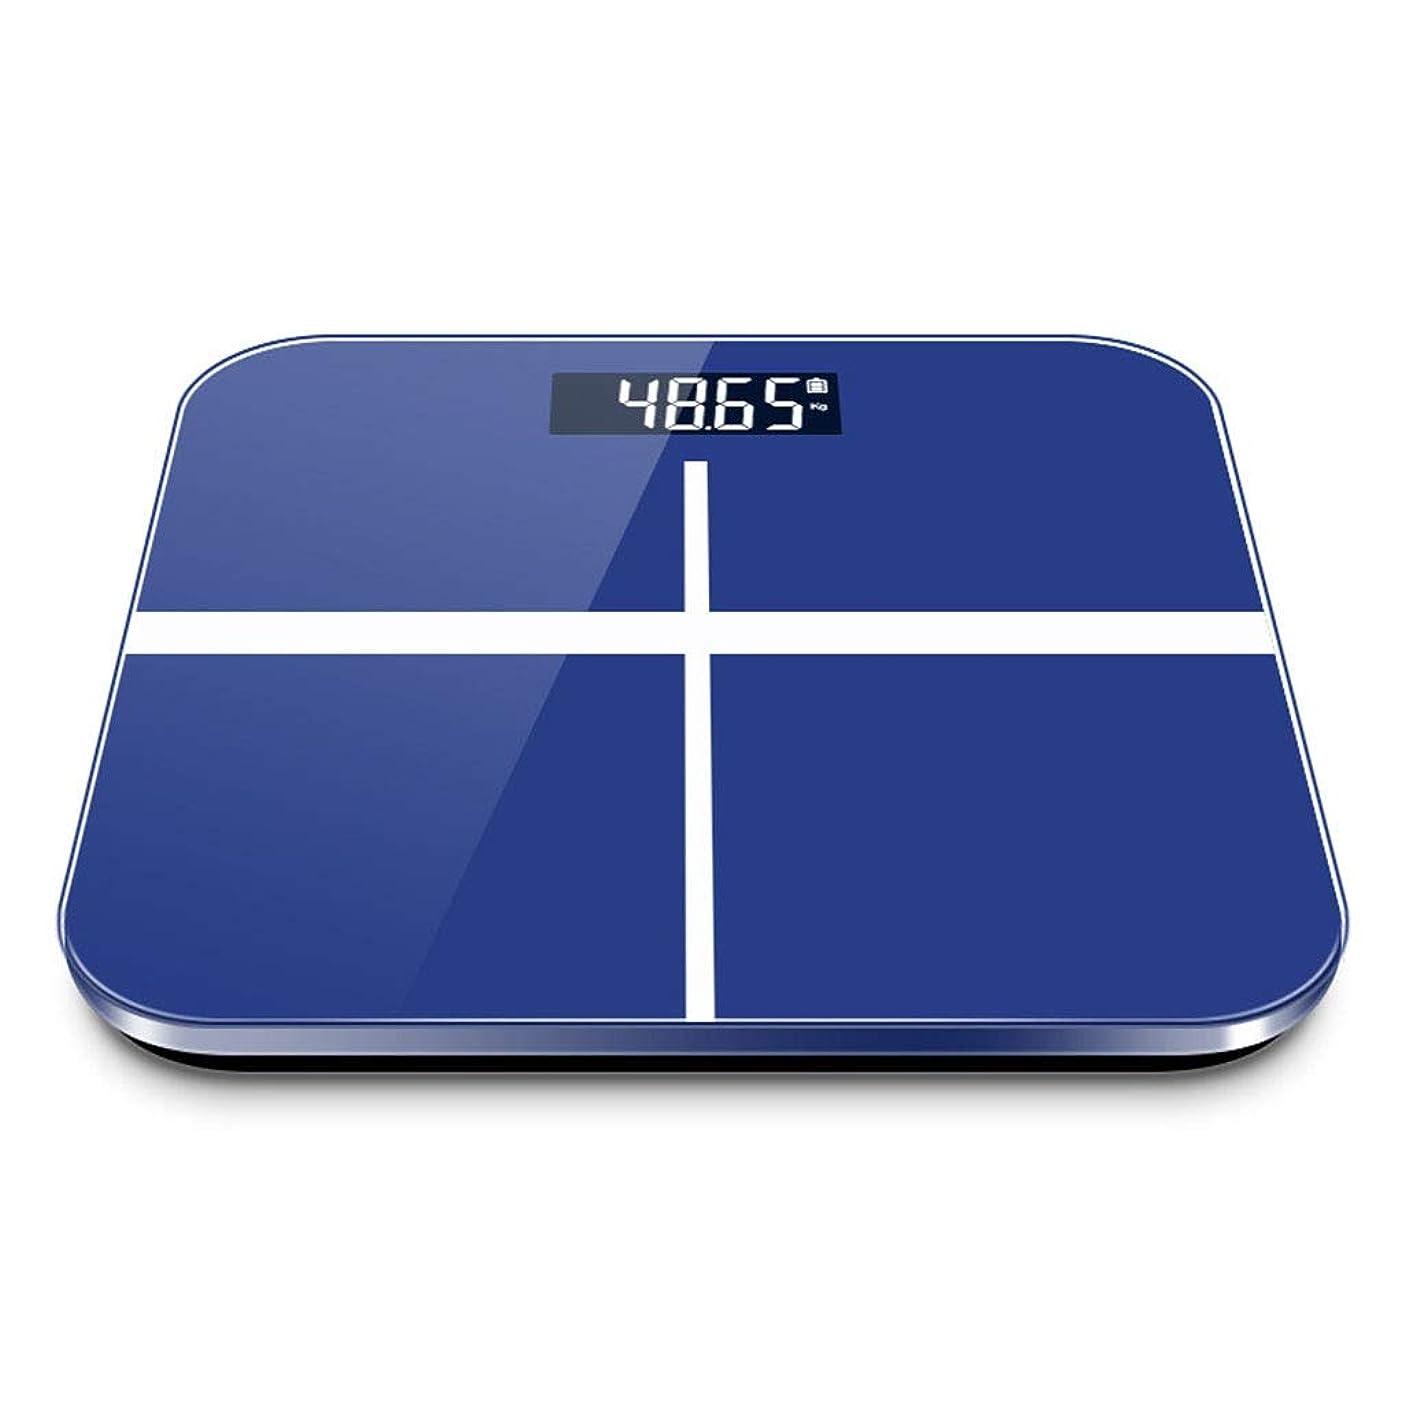 橋脚支配するオーク人間の健康のスケールの測定のメートル/インチシステム、デジタル表示装置電池様式を読みやすい高精度の重量を量る浴室のスケールの電子体重計の世帯 (色 : 青)